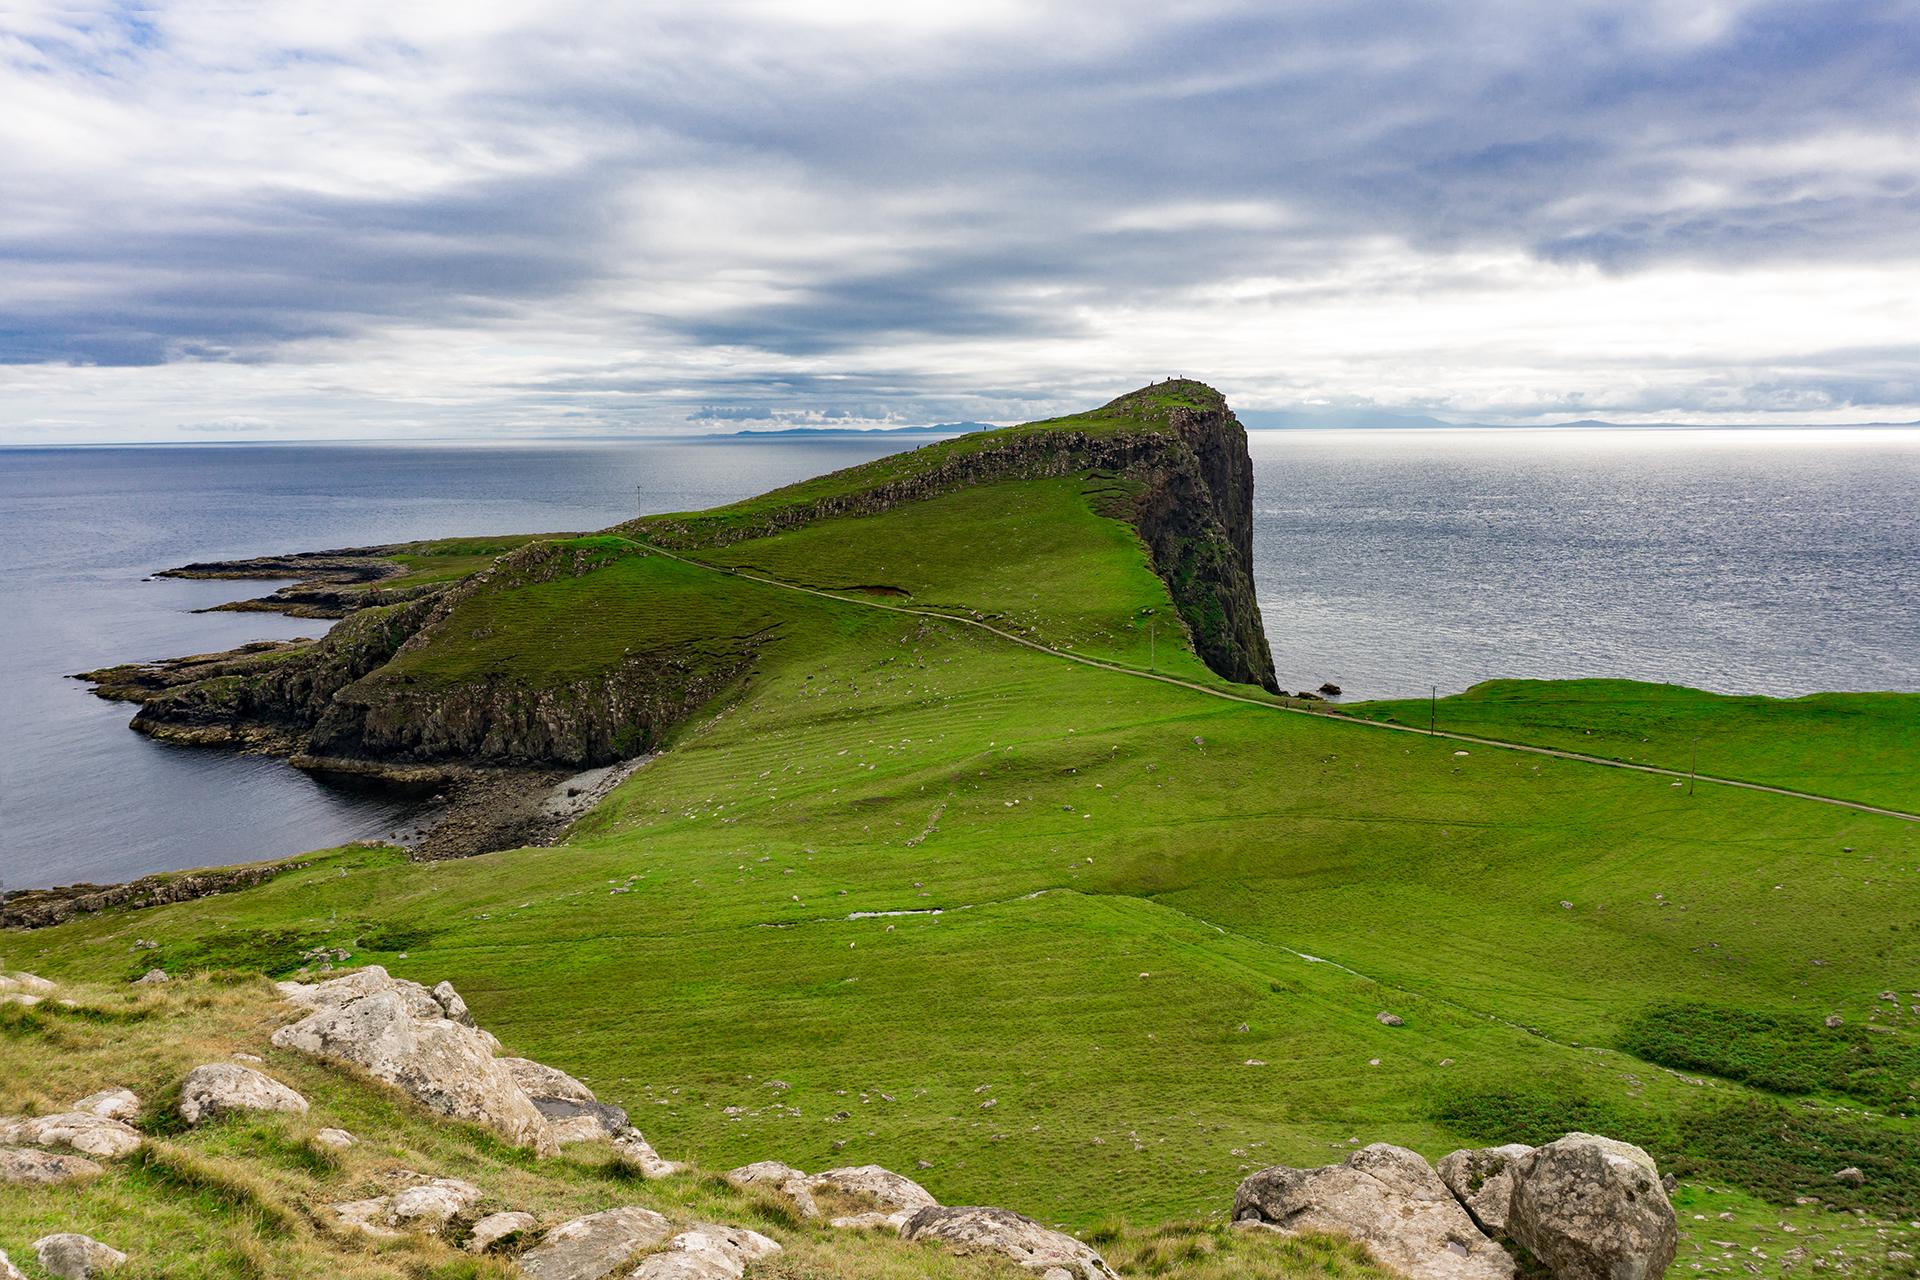 Wyspa Skye, Szkocja. koniec świata i zielone wzgórza